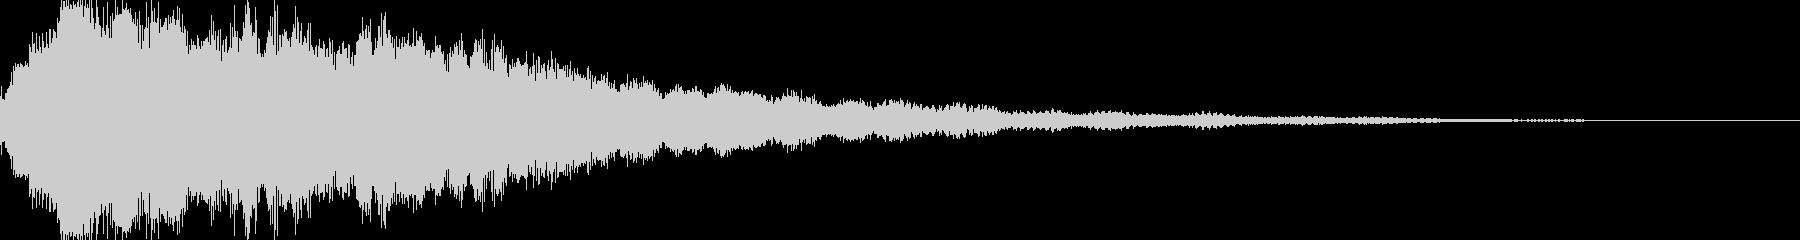 決定、ひらめき等の効果音です ver5の未再生の波形